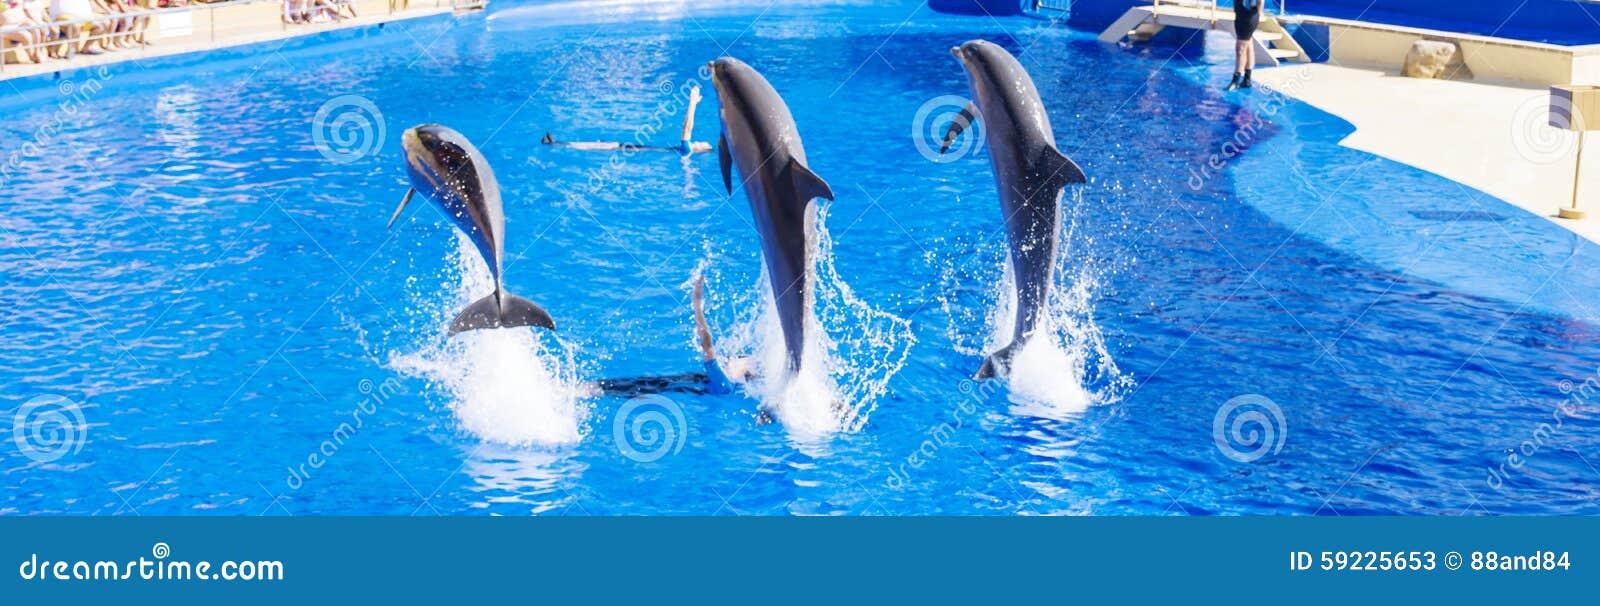 Delfínes entrenados que saltan en piscina del parque del agua